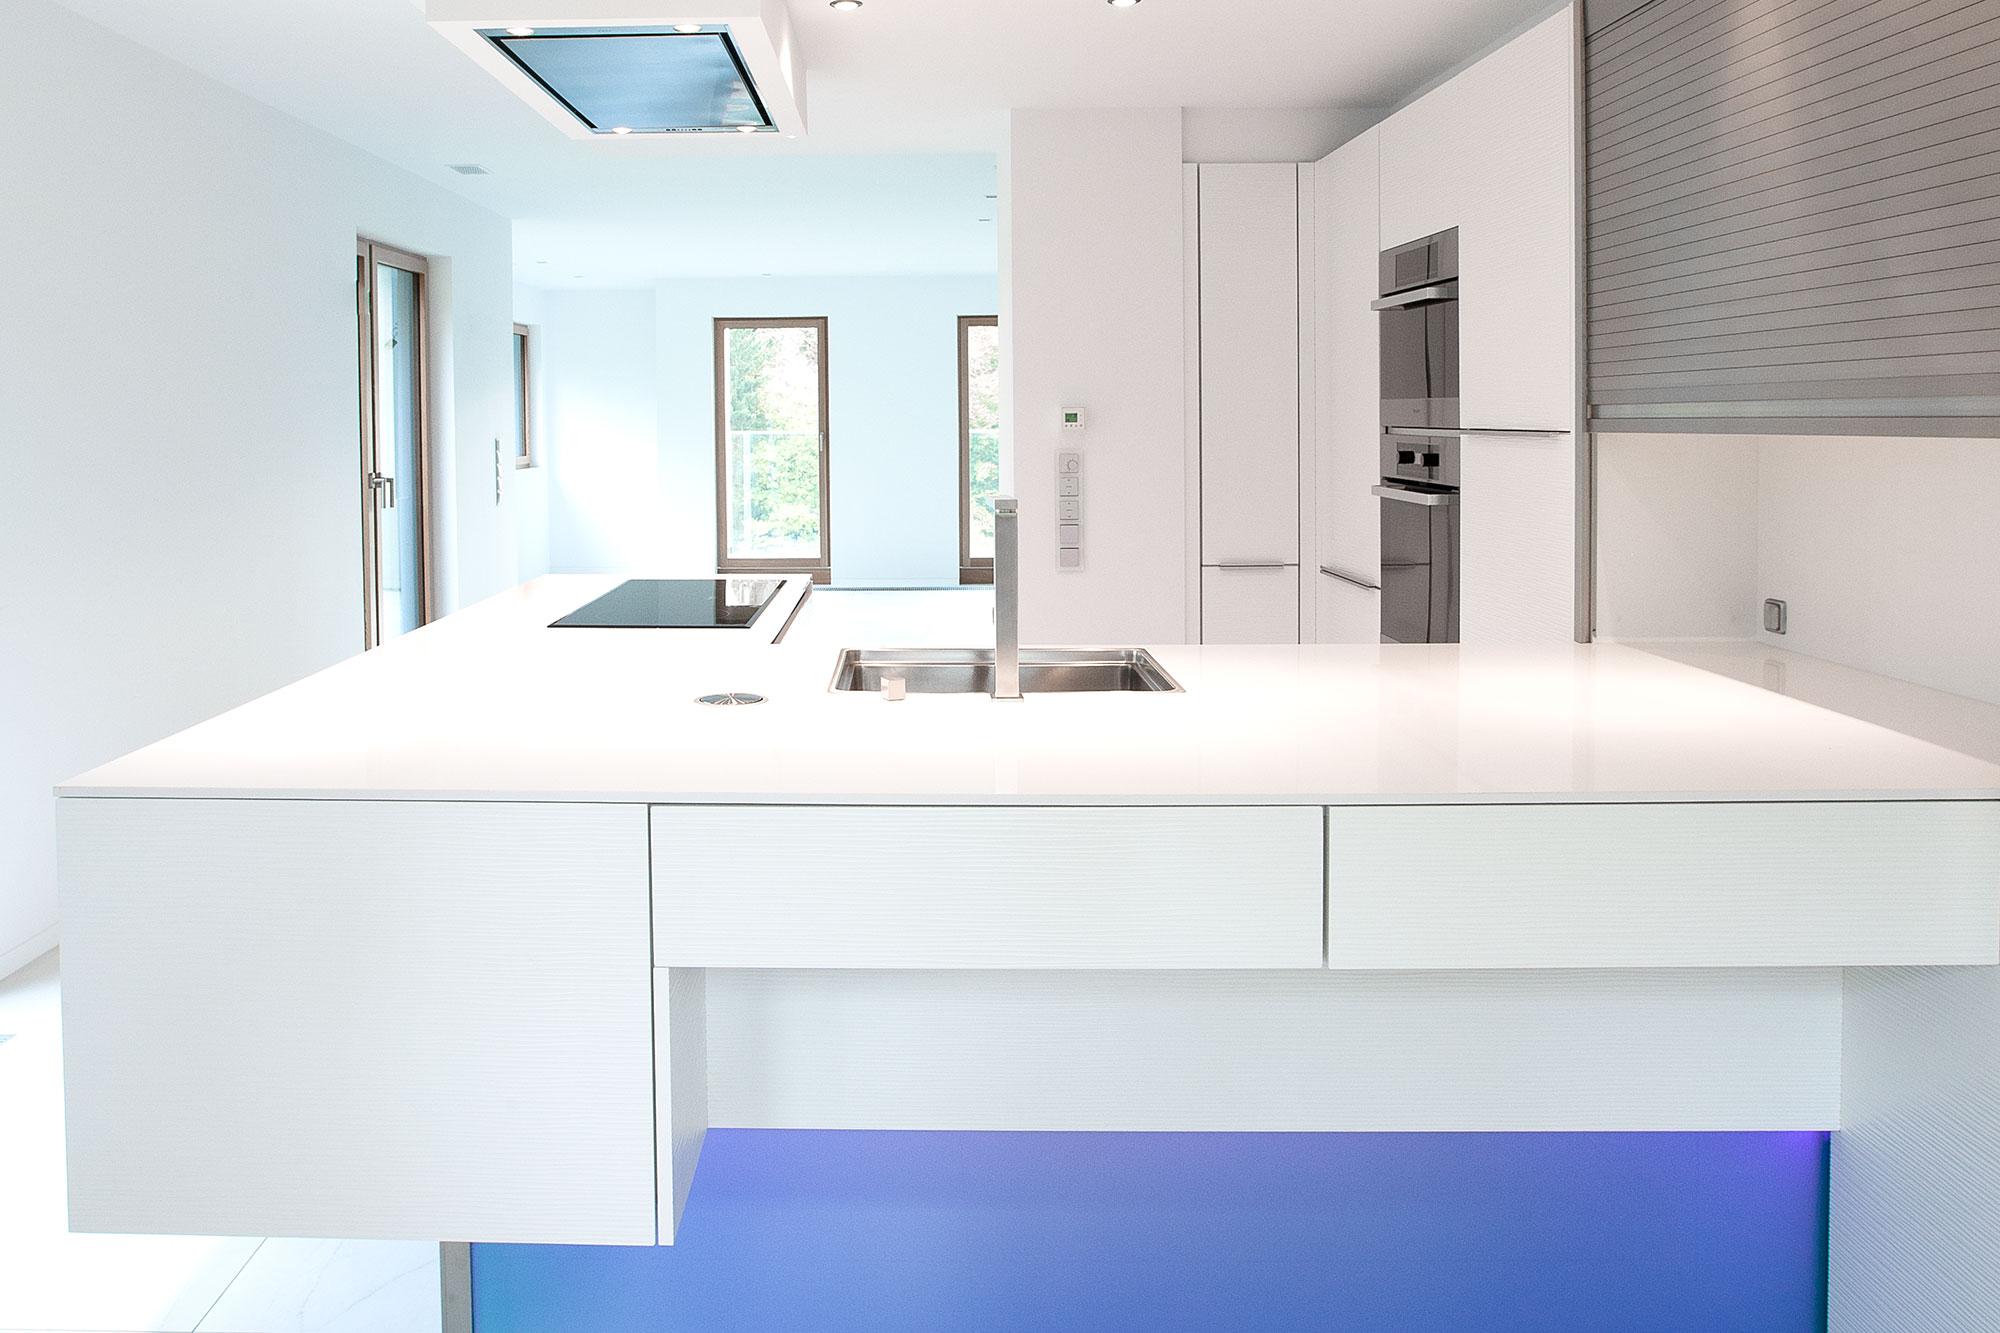 k chen in jeder beliebigen ral farbe zu fabrikpreisen. Black Bedroom Furniture Sets. Home Design Ideas